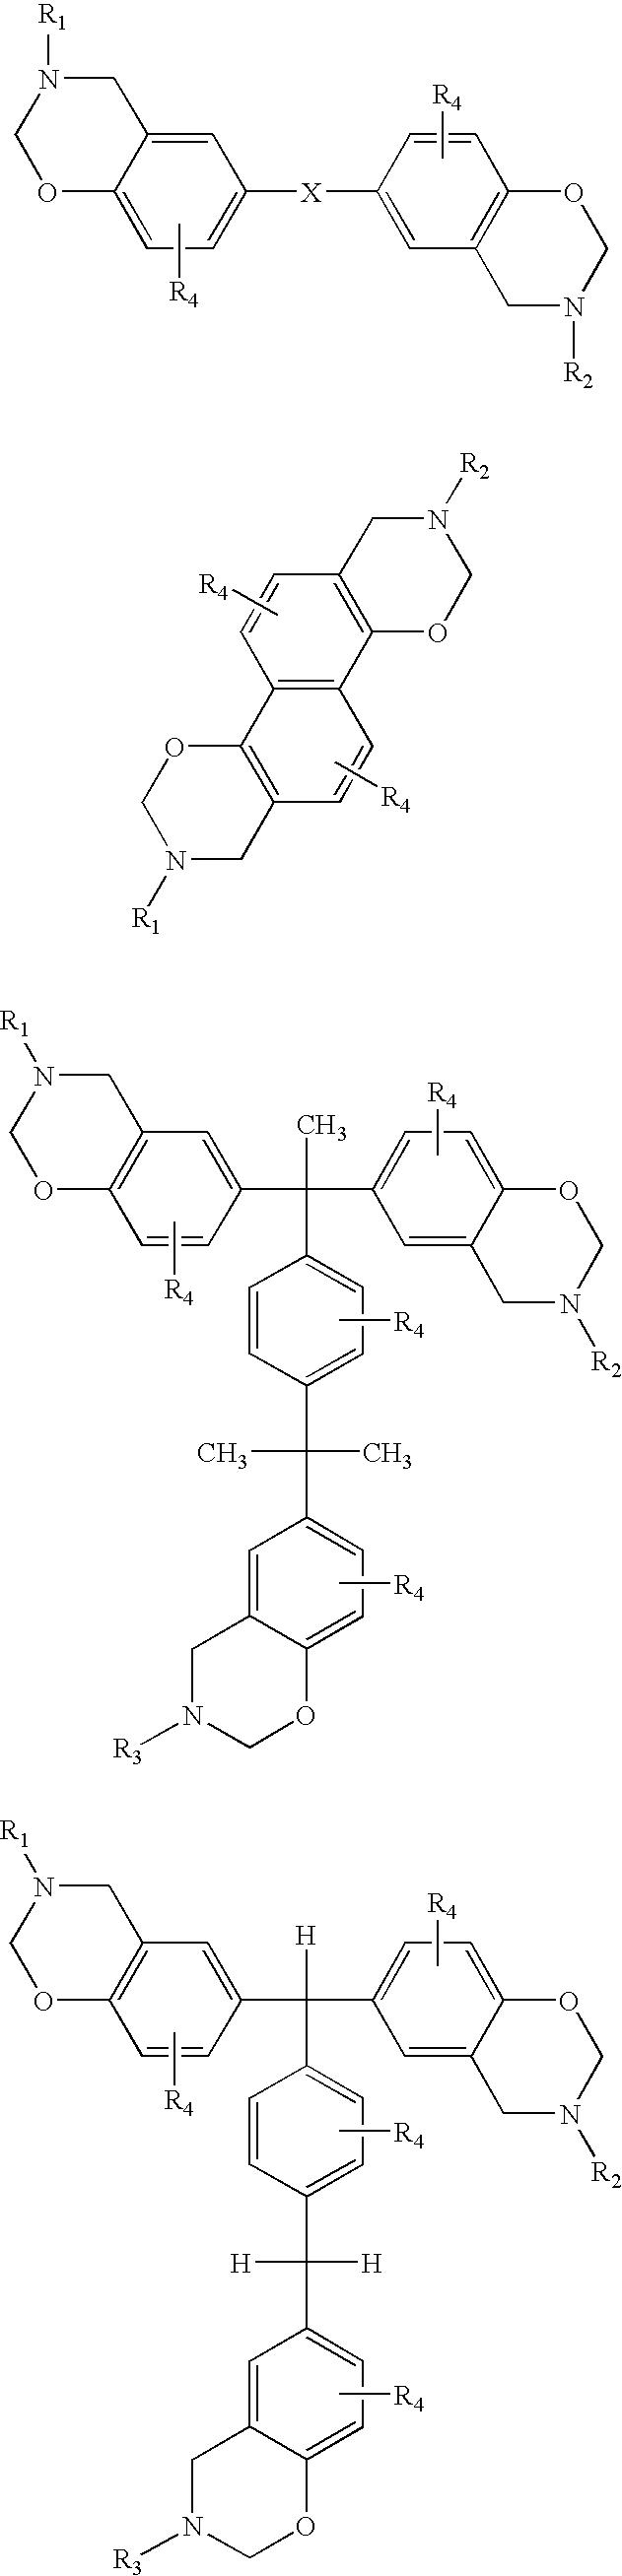 Figure US20060240261A1-20061026-C00017